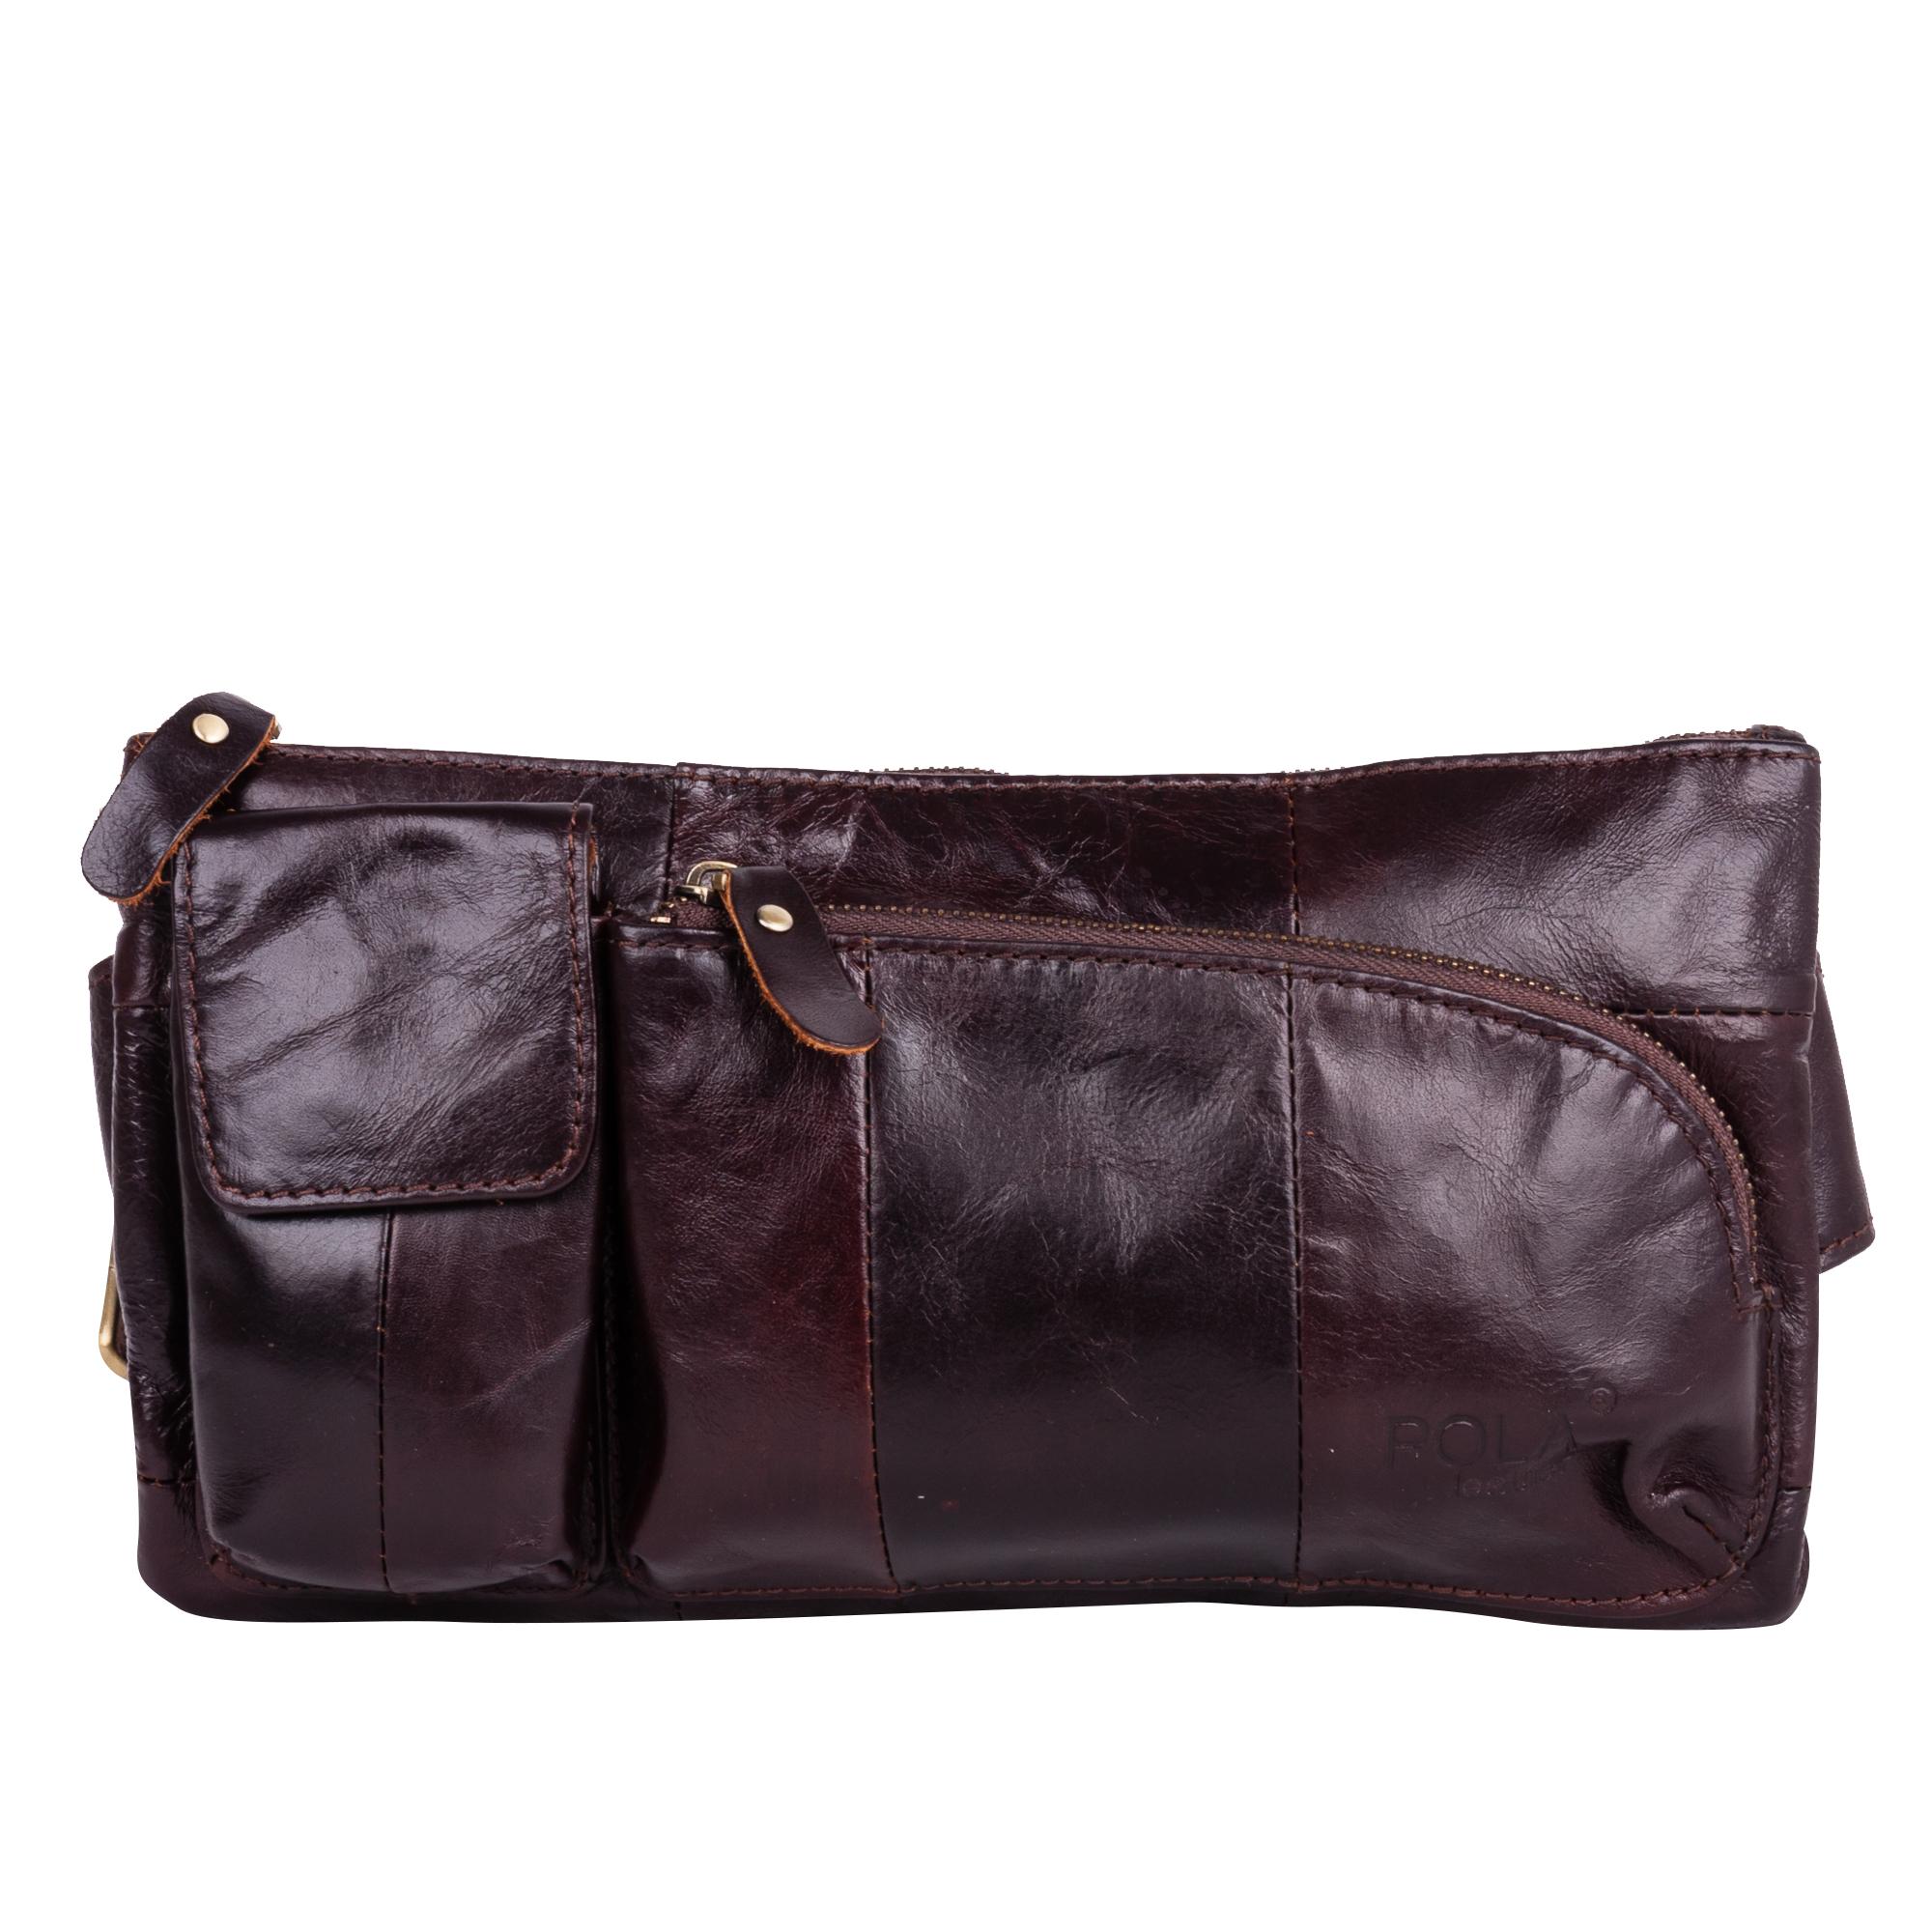 Сумка на пояс мужская Pola, цвет: коричневый. 0243332515-2800Кожаная мужская сумка Pola для ношения на поясе. Сумка состоит из одного отделения на молнии. Внутри - один карман на молнии и два открытых кармана. Снаружи - дополнительный карман на молнии сзади сумки и два накладных кармана спереди сумки. Пояс регулируется, максимальный объем 140 см.